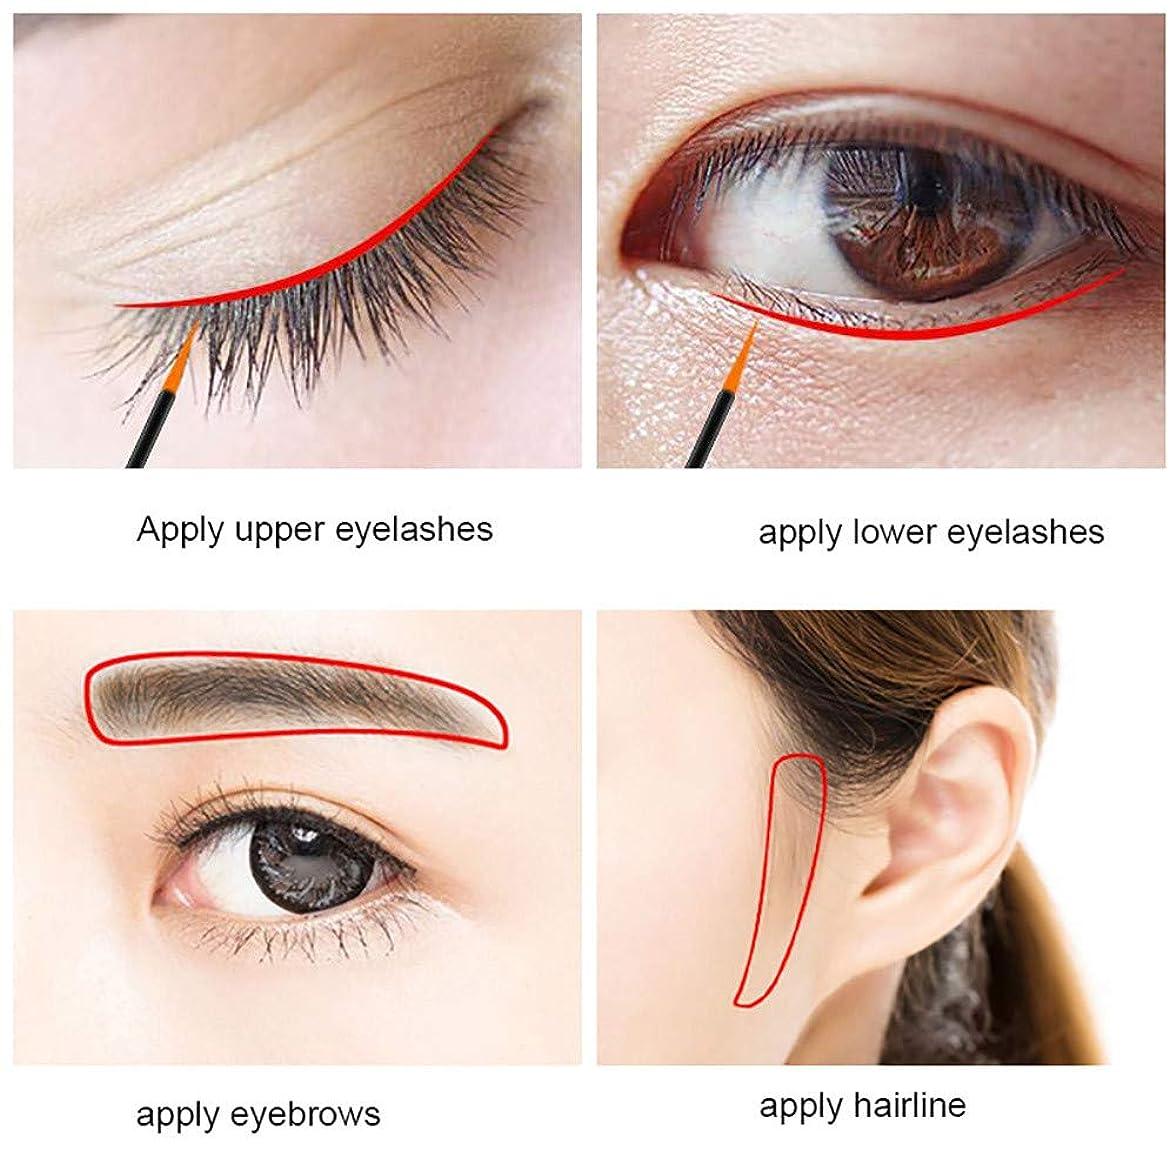 絶えず群れ遷移眉毛まつげ速い急速な成長の液体エンハンサー栄養液栄養